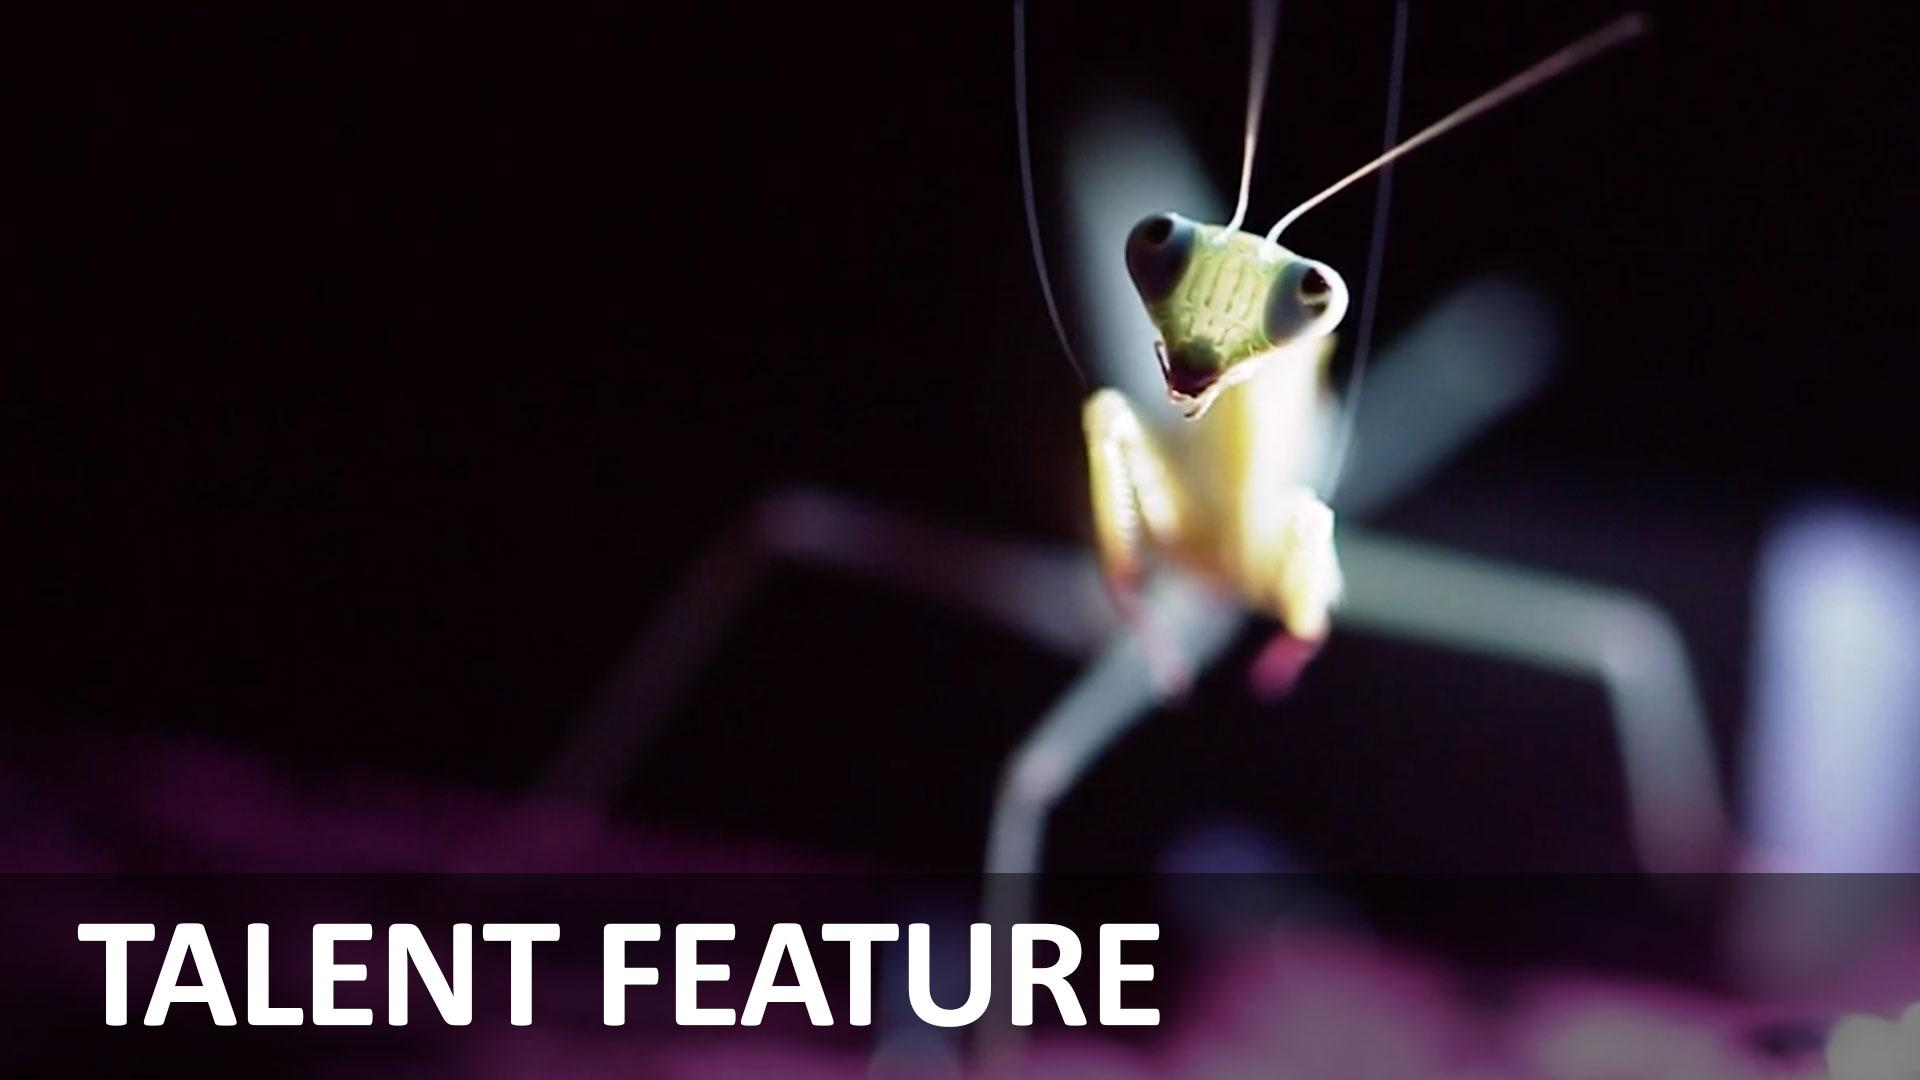 昆虫を撮影する - Cokau Labインタビュー